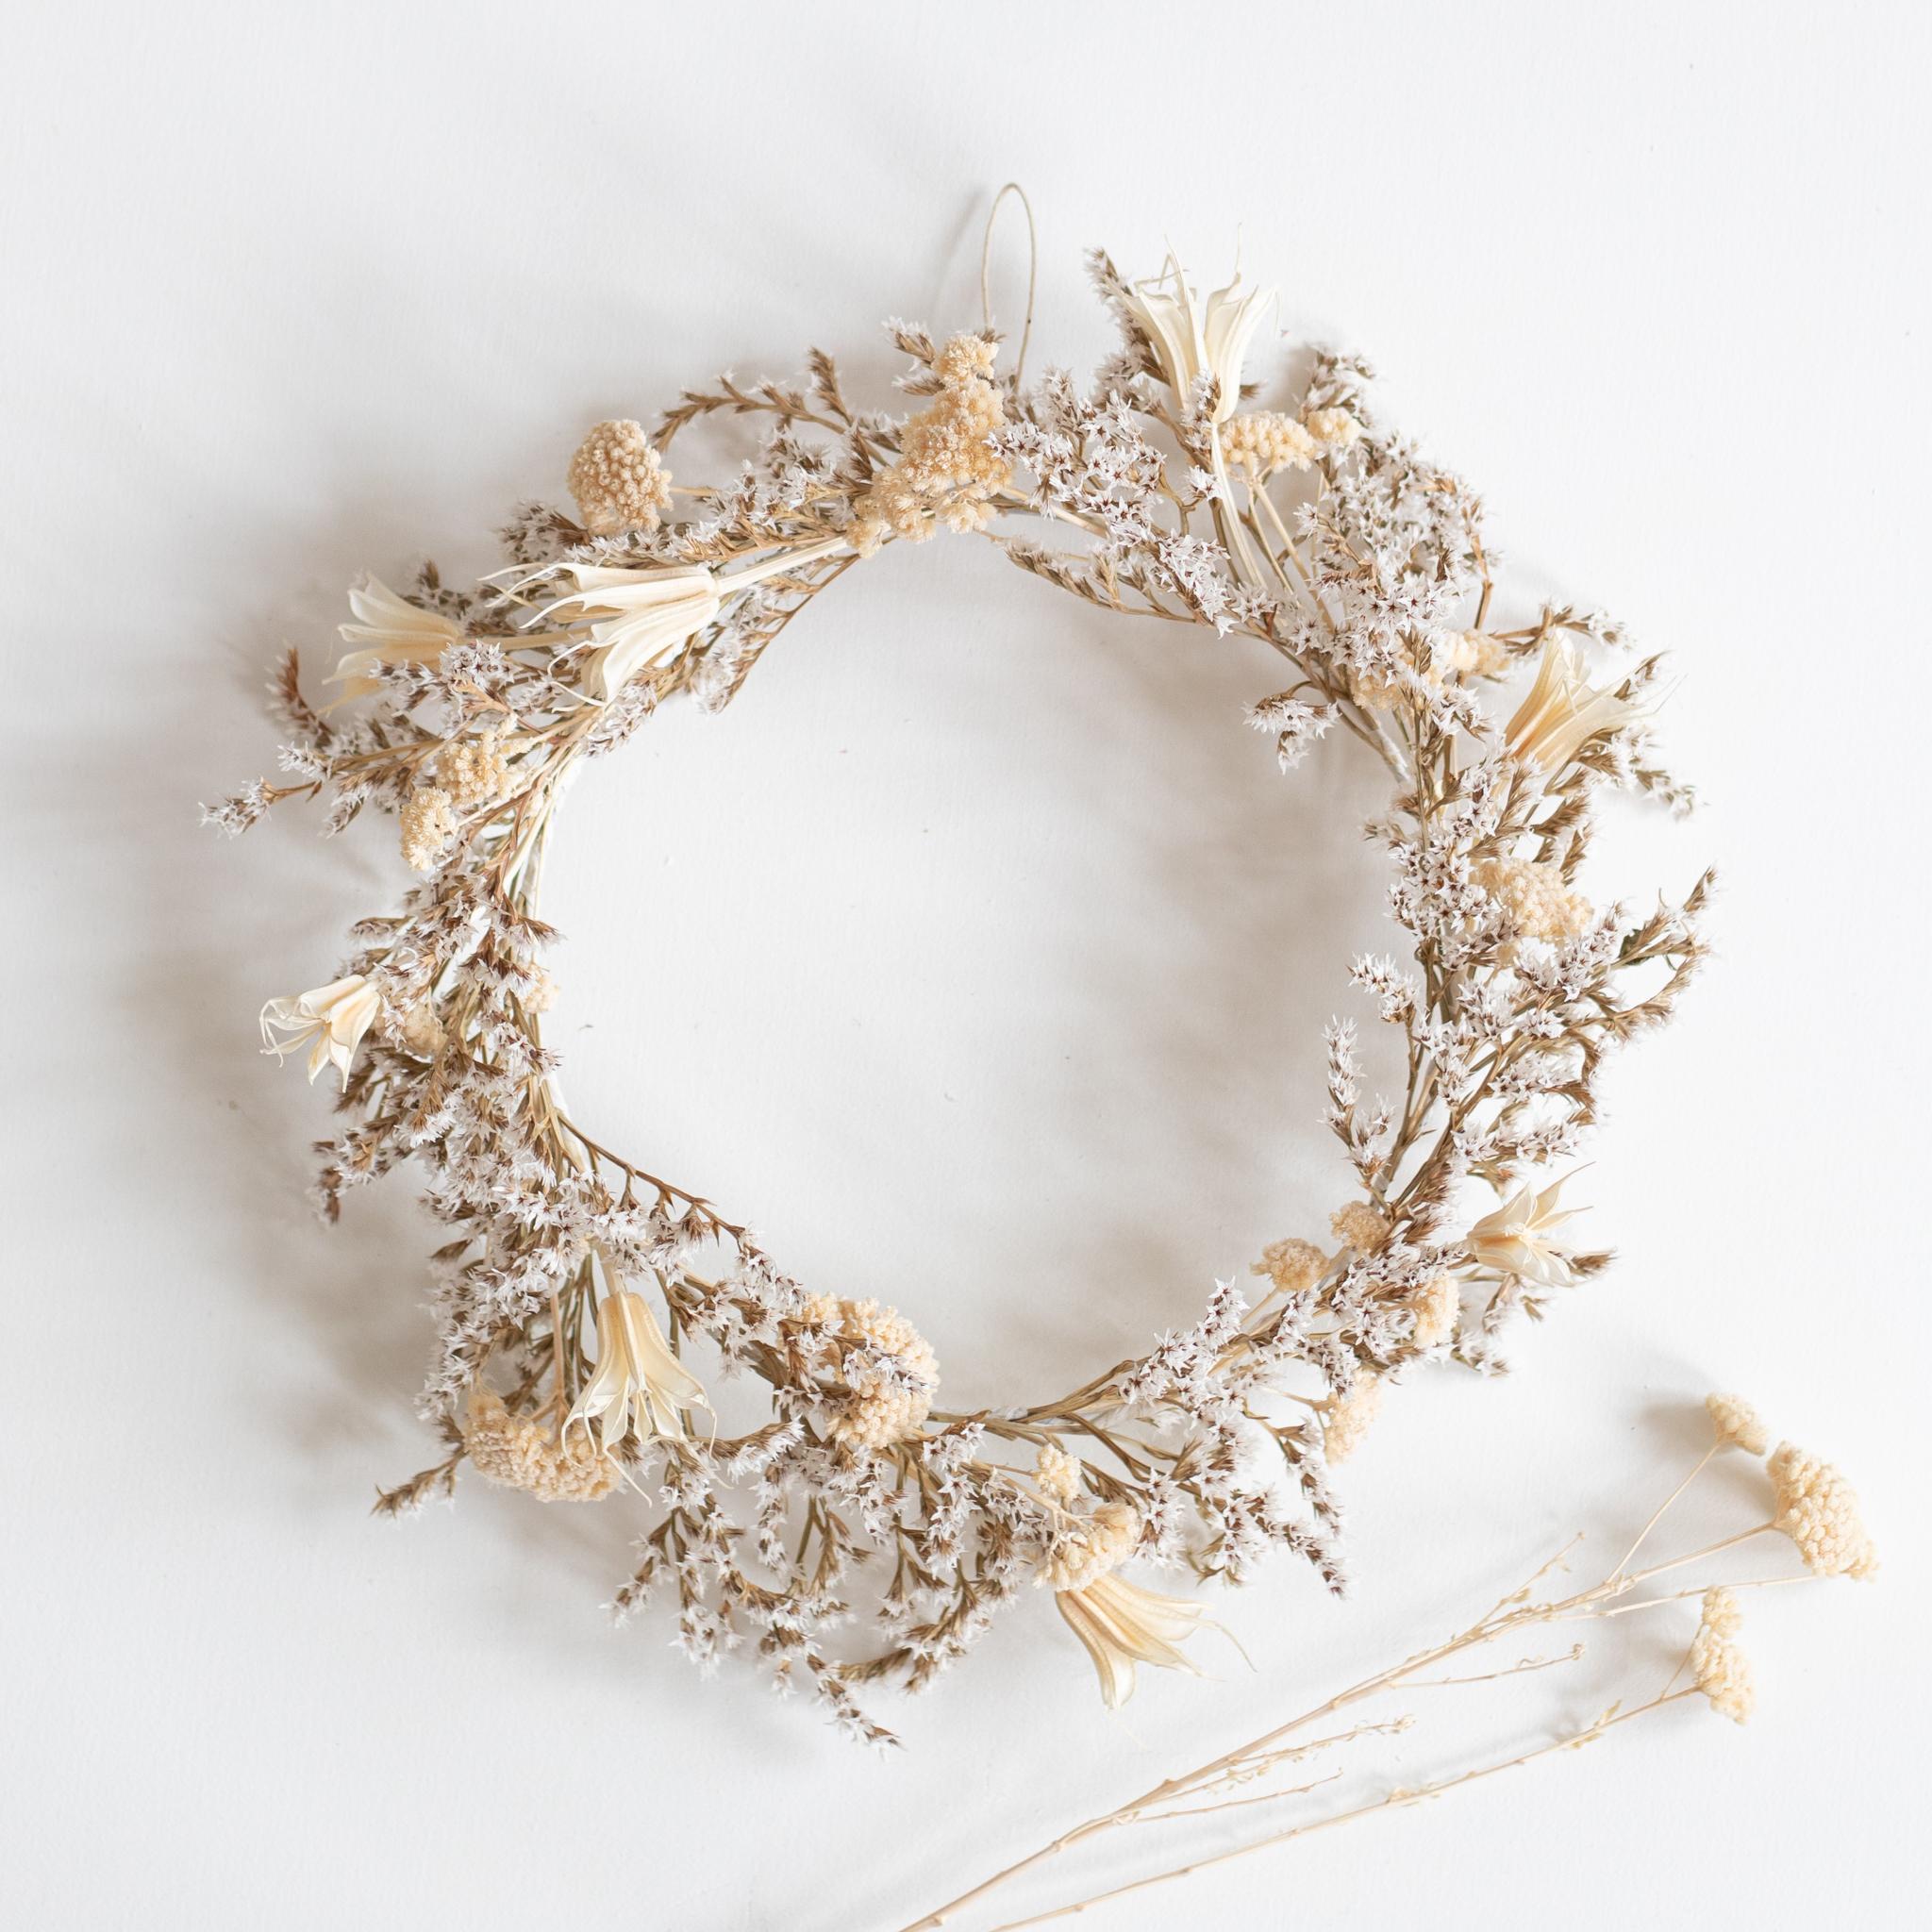 Couronne de fleurs séchées créée et confectionnée à la main dans l'atelier Trendy Little